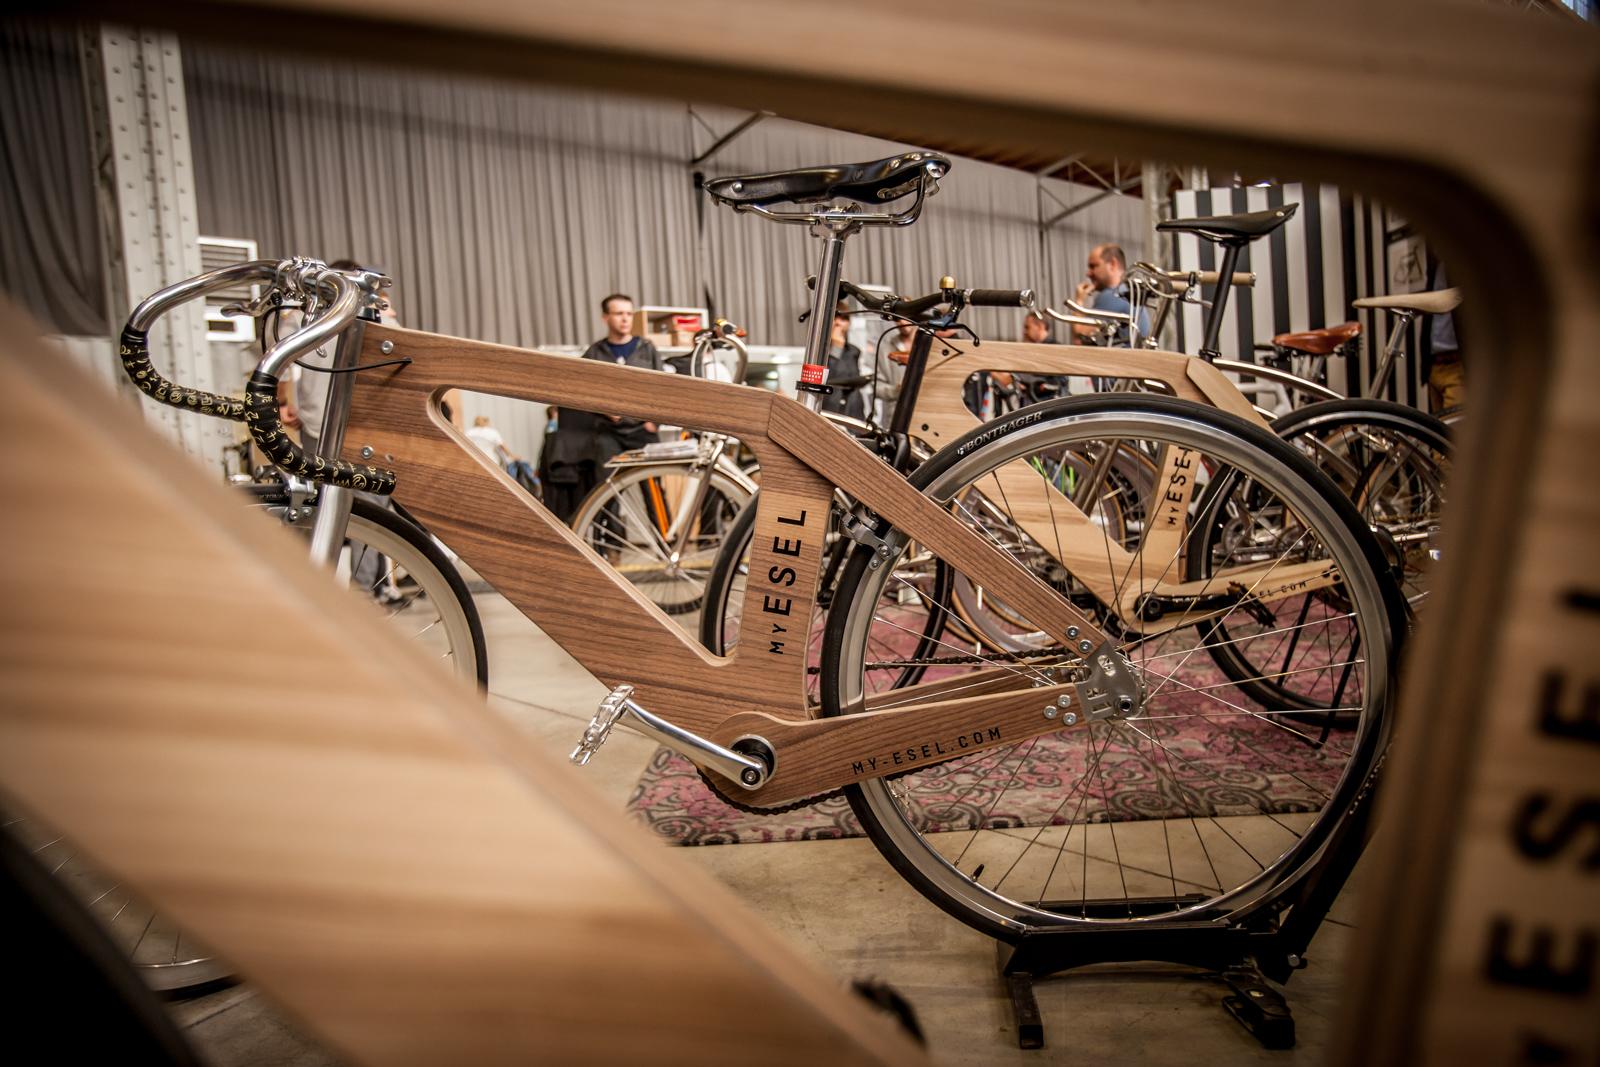 Ein Hoch auf die Individualität feiert My Esel mit maßgefertigten Fahrrädern aus Holz.